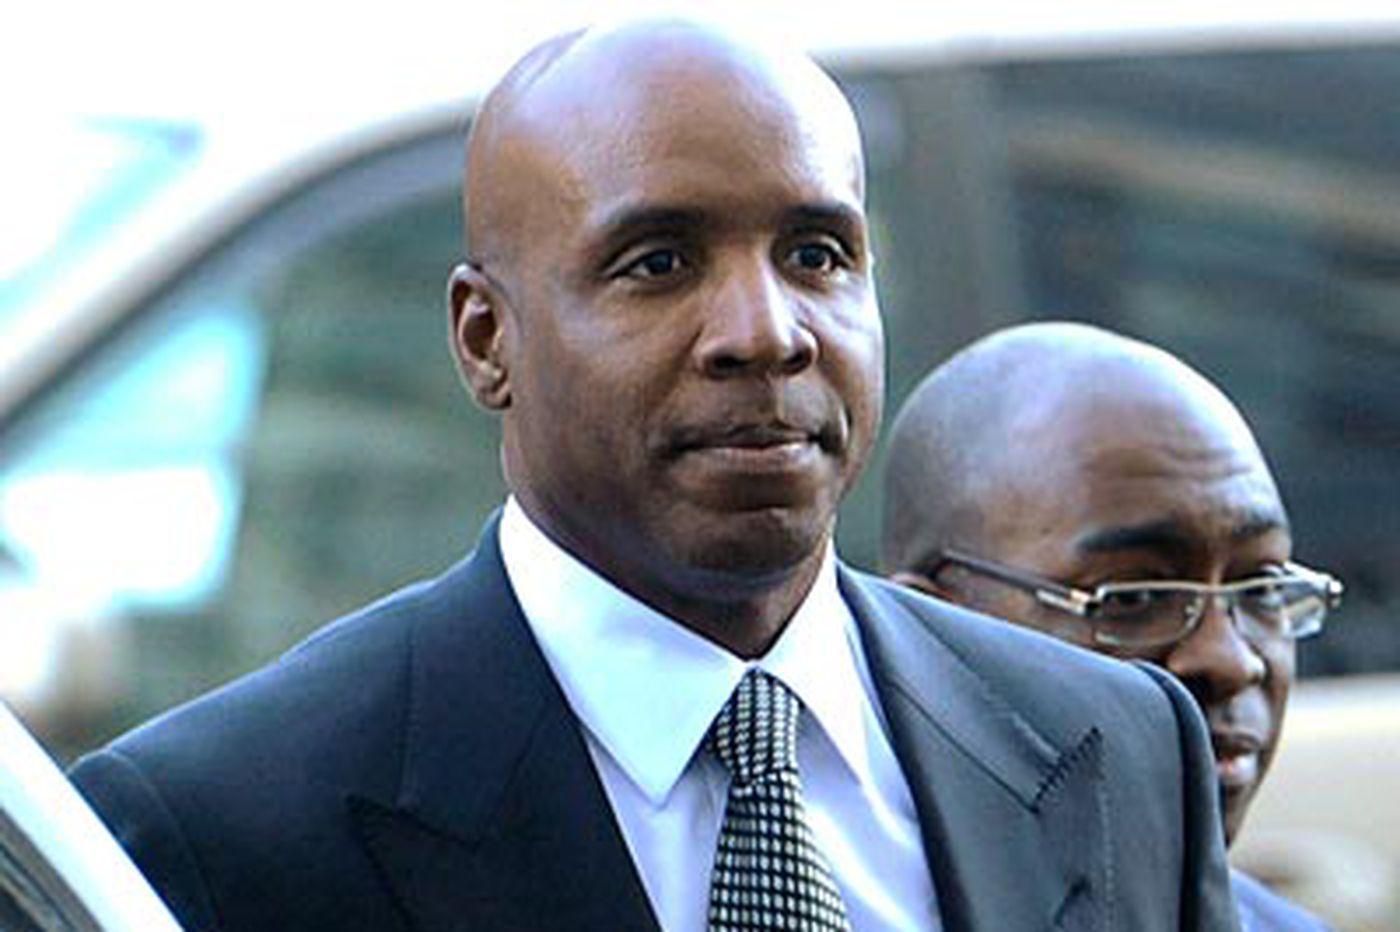 Bonds appeals sentence